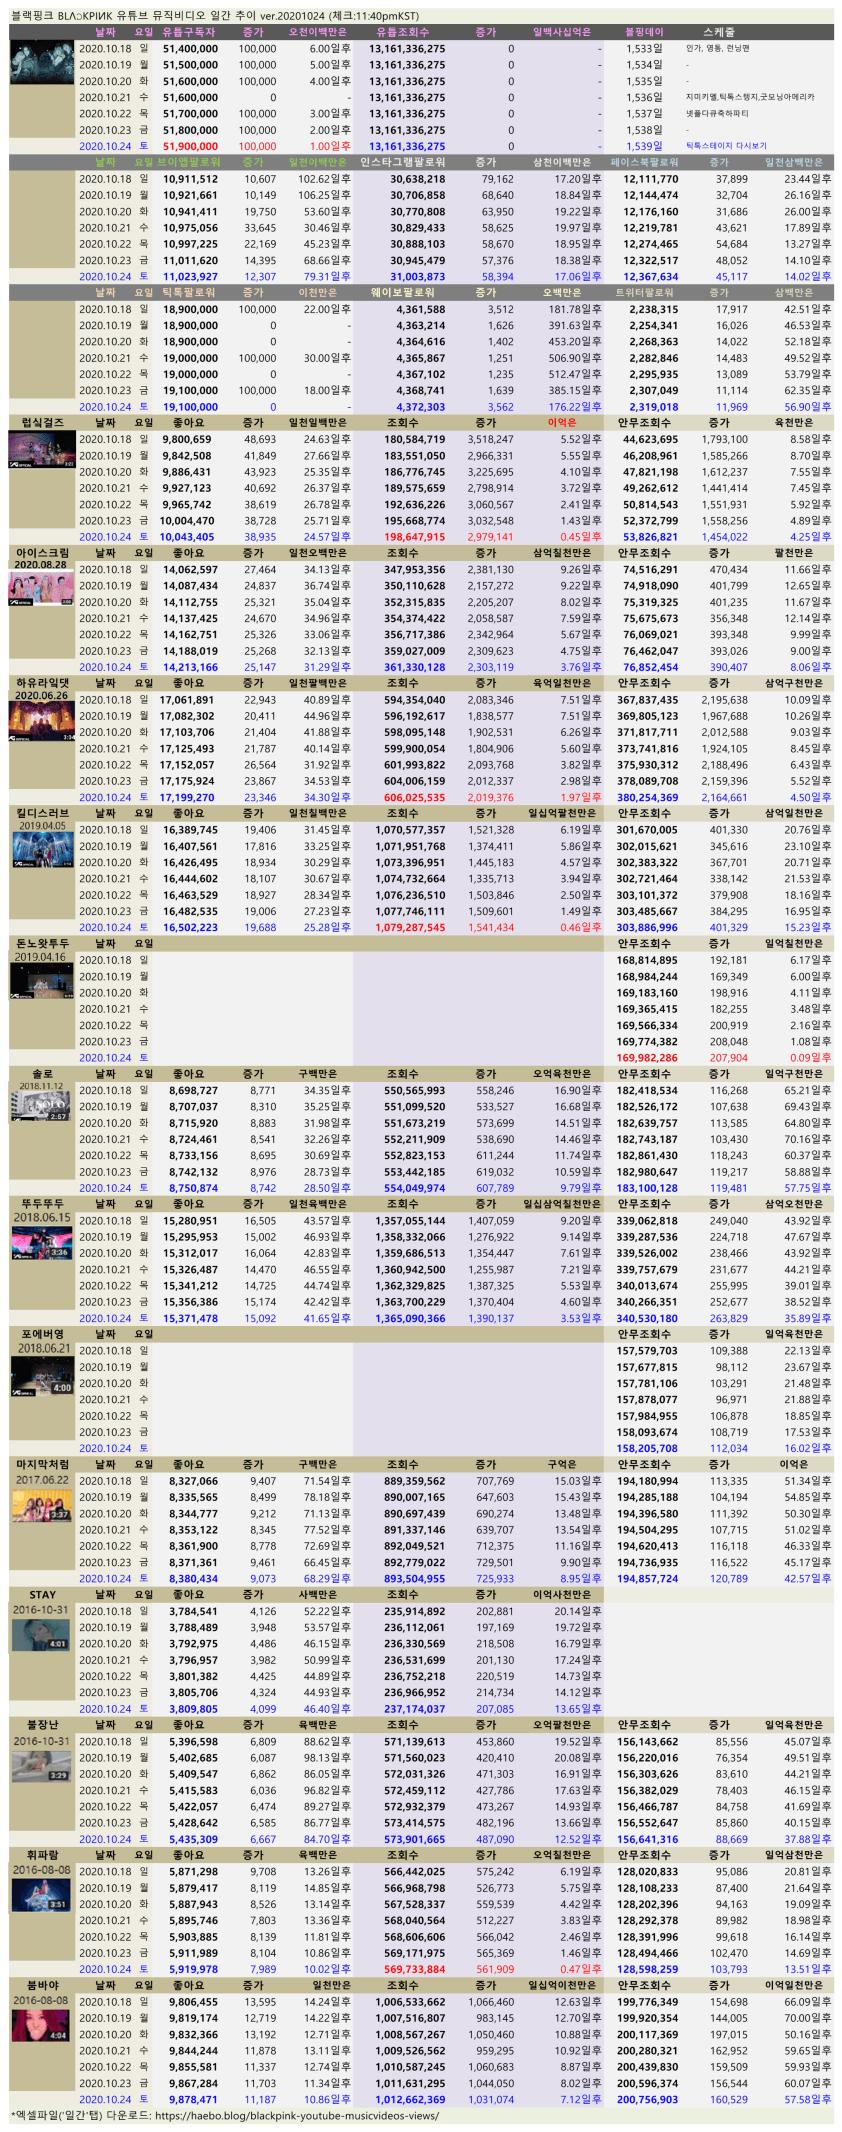 viewimage.php?id=2fb1d125eec231a865&no=24b0d769e1d32ca73fec87fa11d0283168a8dd5d0373ee31e5f23e84e6278773e256eca43cd462ea28fa7b7ceaa9aaecbc9f0d4030b69cd20cab5035ac0549afb611fdb654